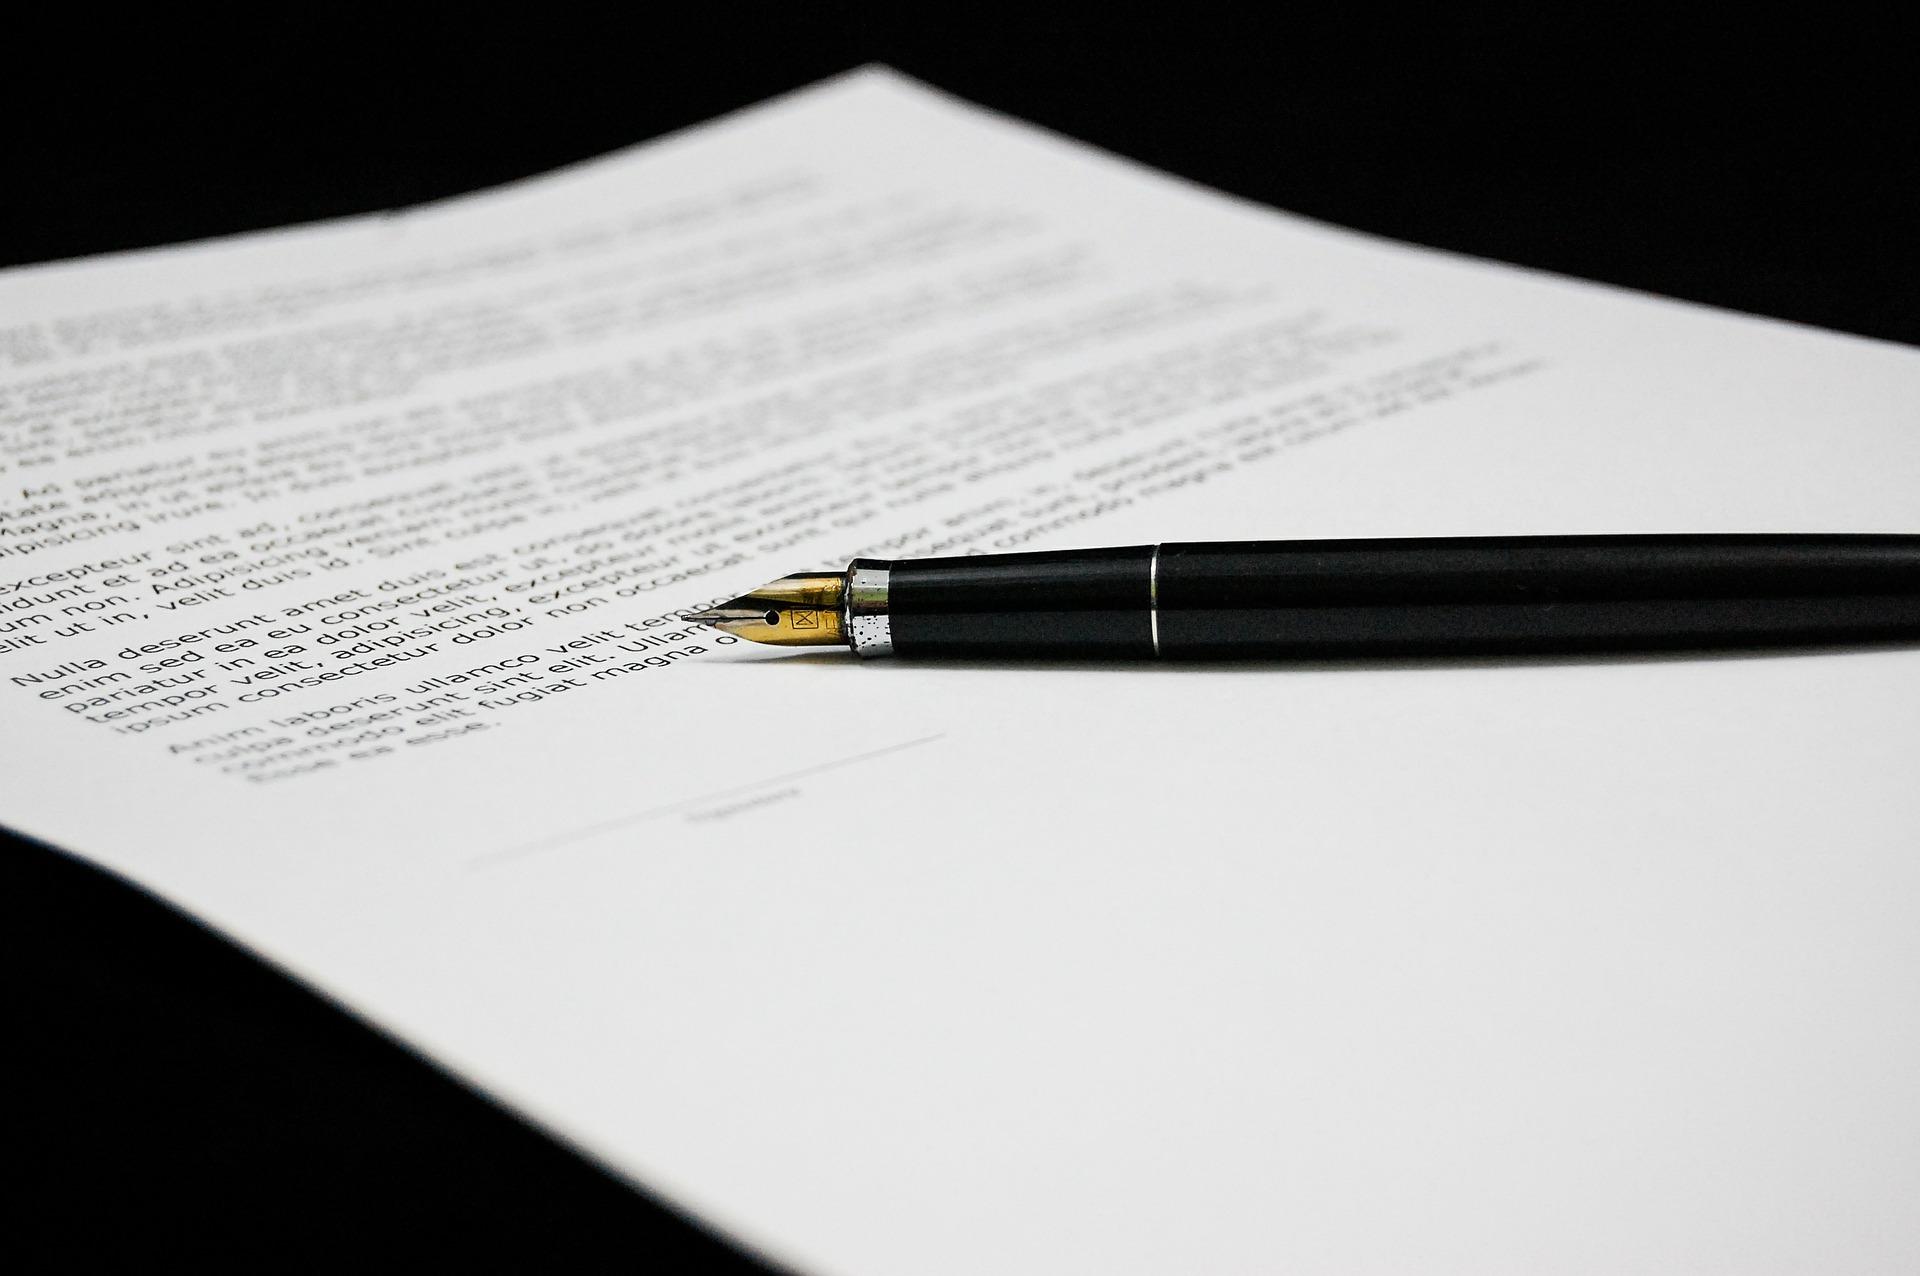 Foto de uma folha de documento em cima de uma mesa preta, com uma caneta também preta em cima. Imagem ilustrativa para texto endosso de seguro.